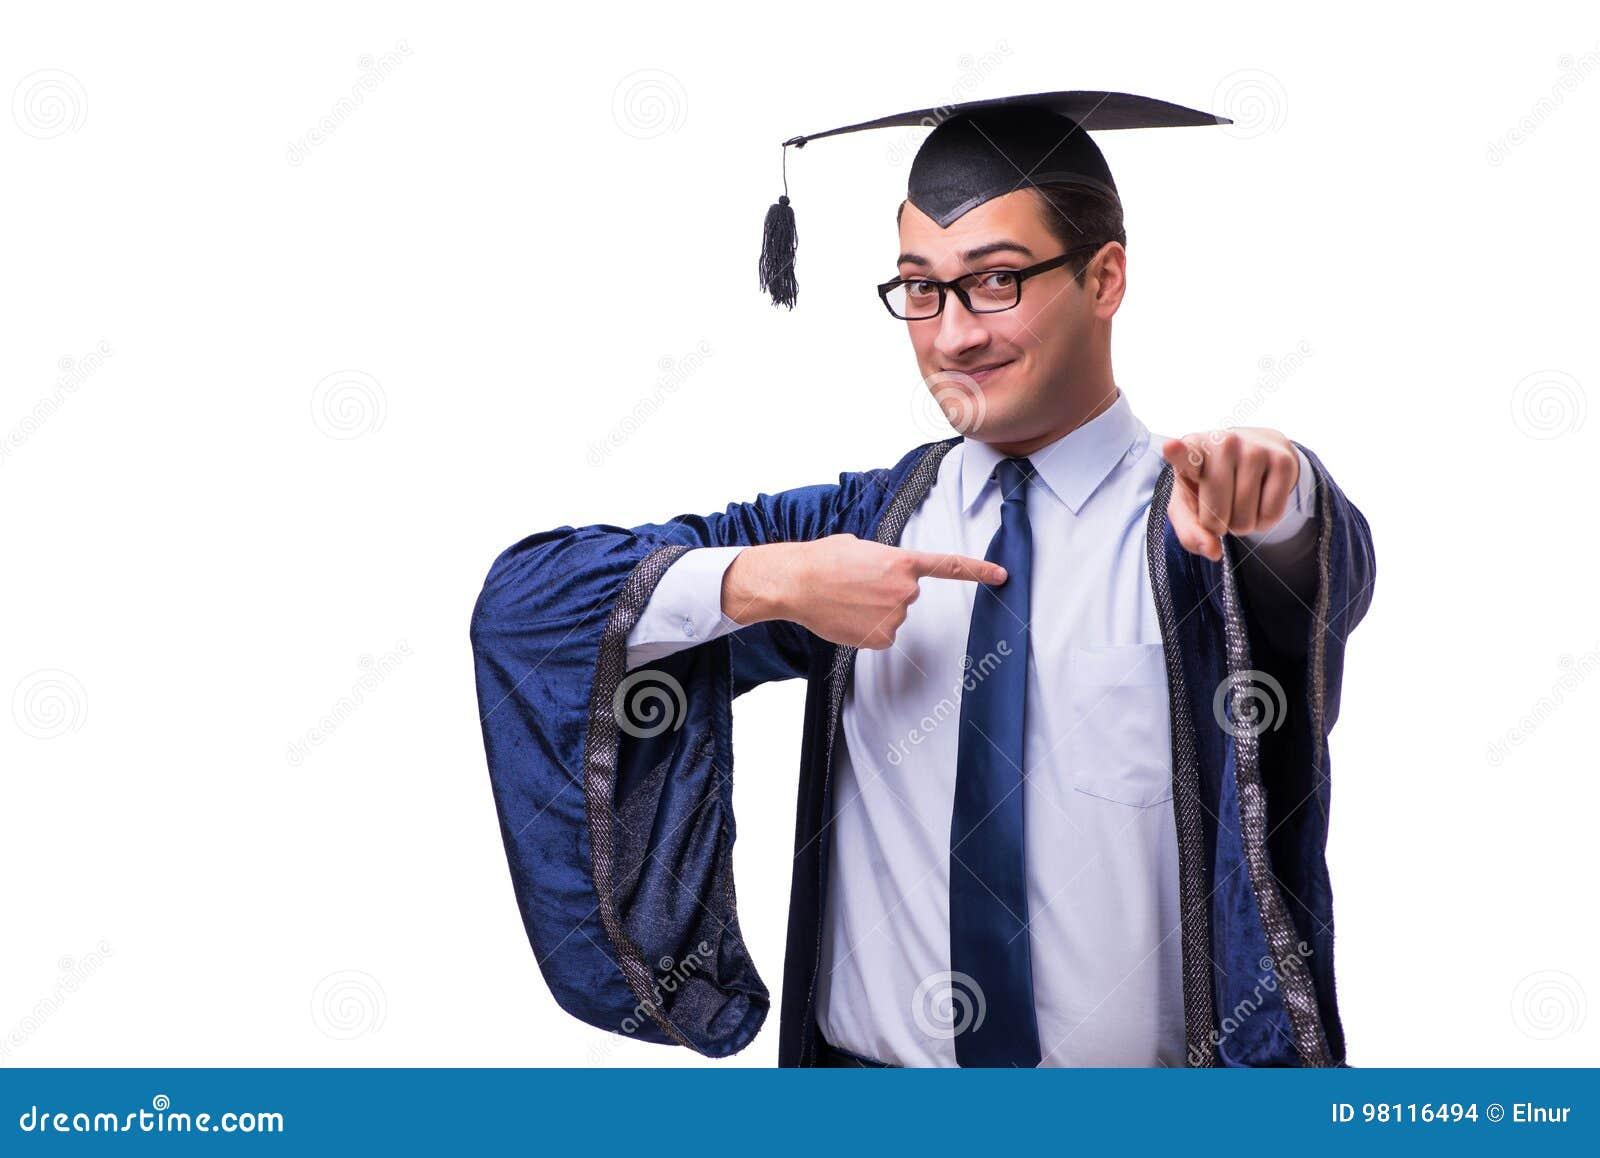 6b1262864 La Graduación Del Estudiante Del Hombre Joven Aislada En Blanco Foto ...